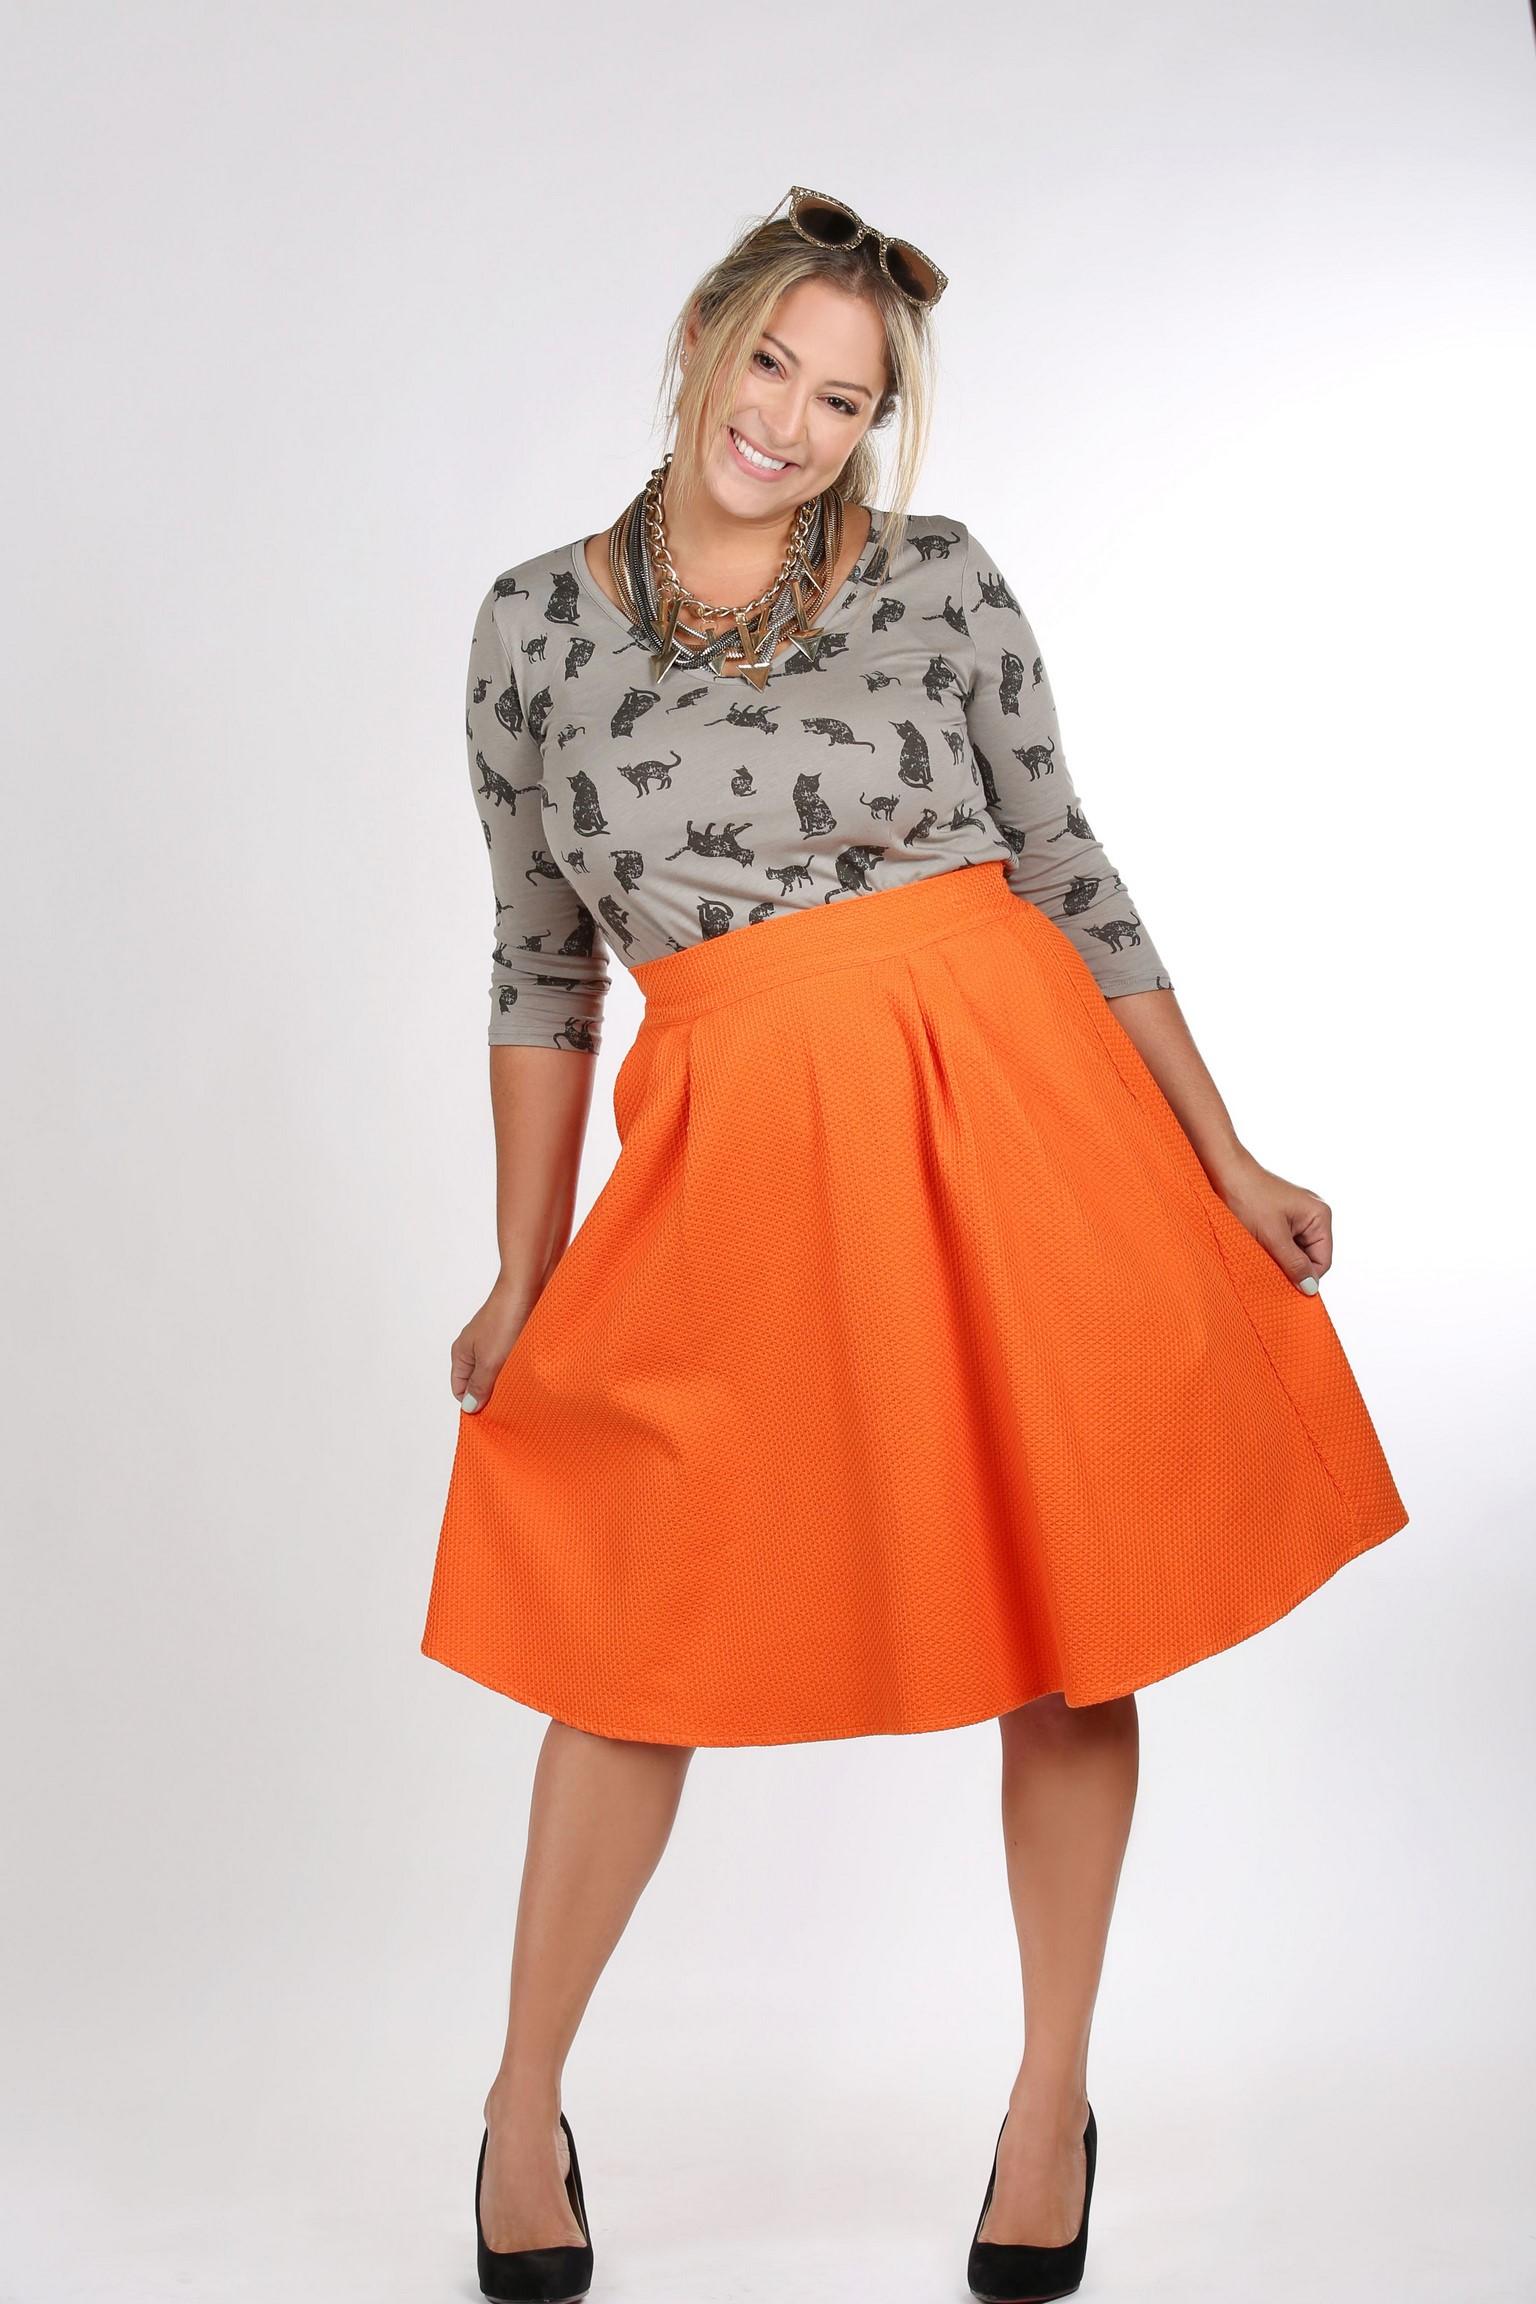 טליה חולצה 199 שח חצאית 299 שח צילום נעמי ים סוף (10) (Copy).JPG